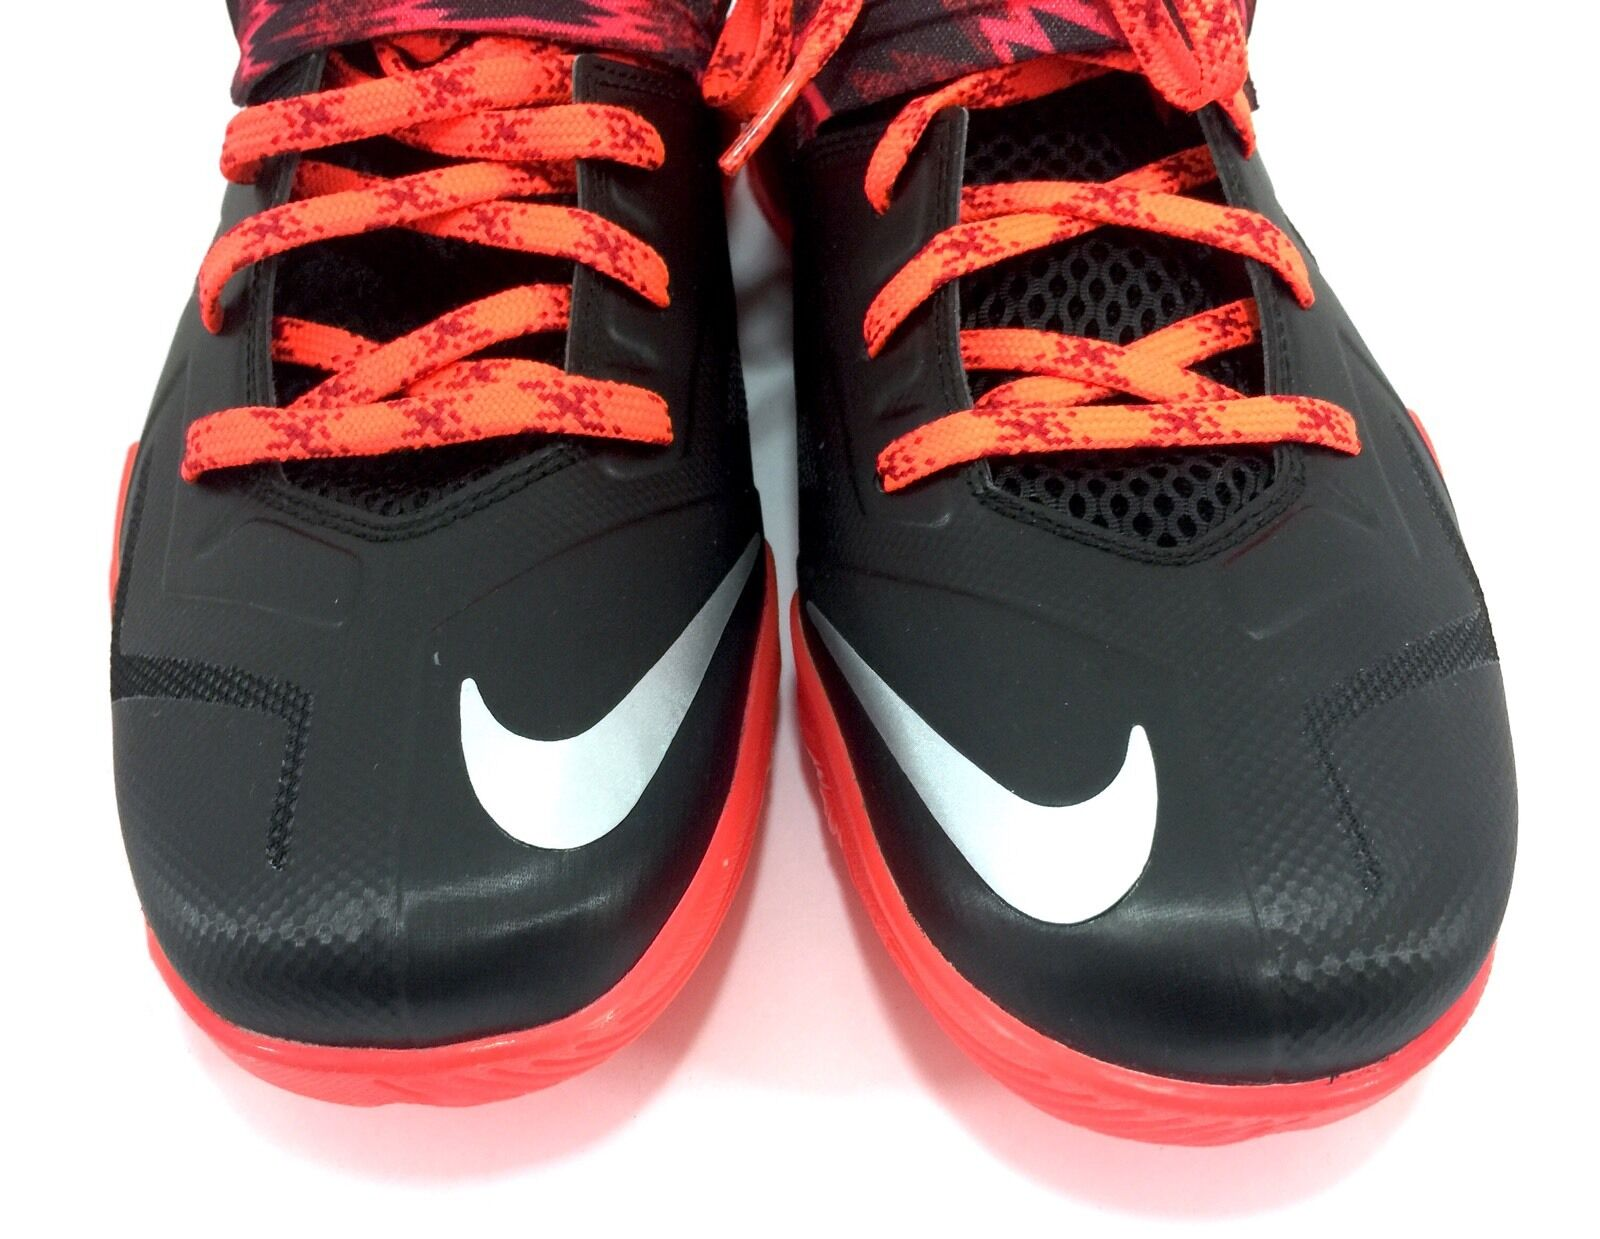 Nike zoom soldat vii lebron james 609679-005 schwarz - 13, rot - größe 13, - 12. uk 5cce61